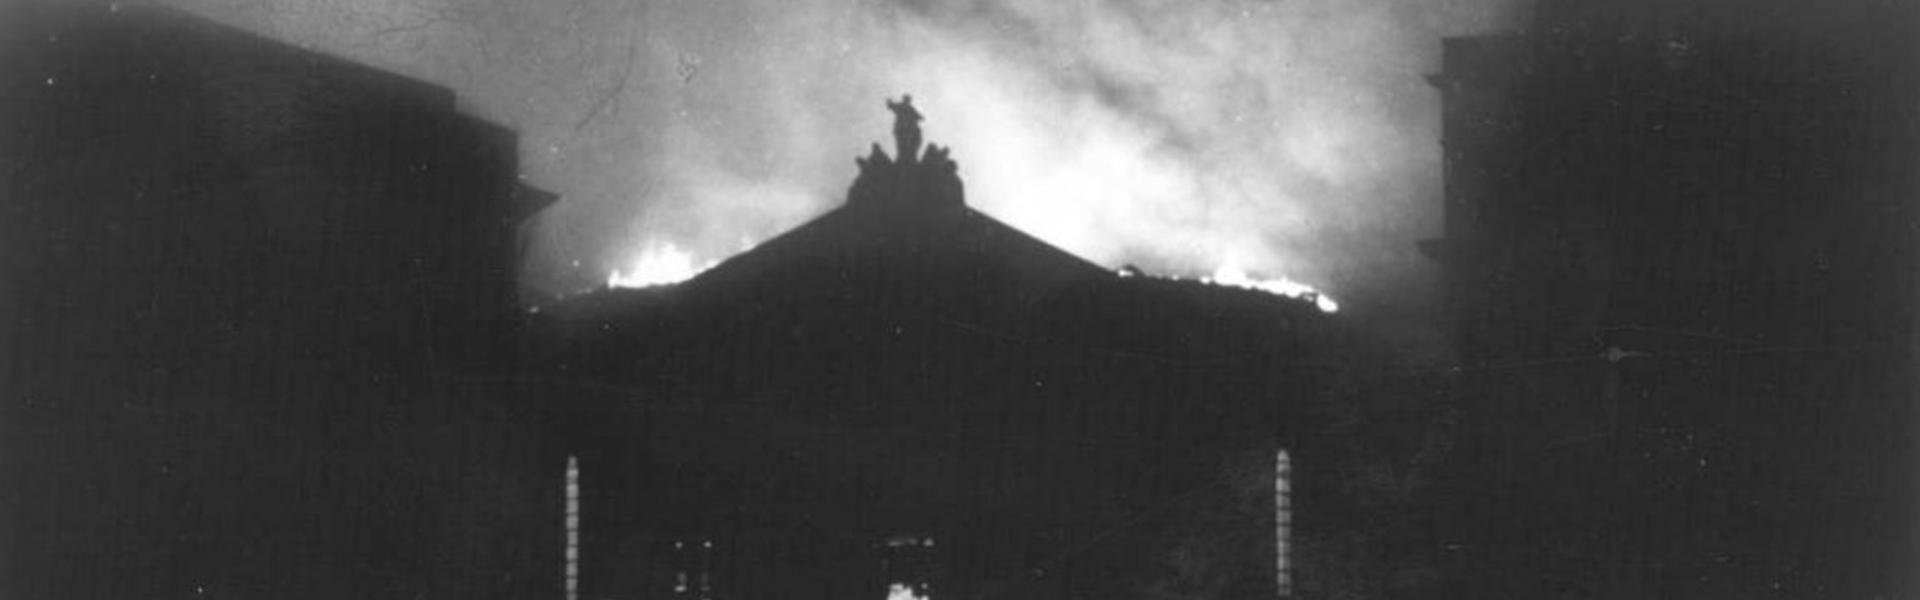 1./2. März 1943